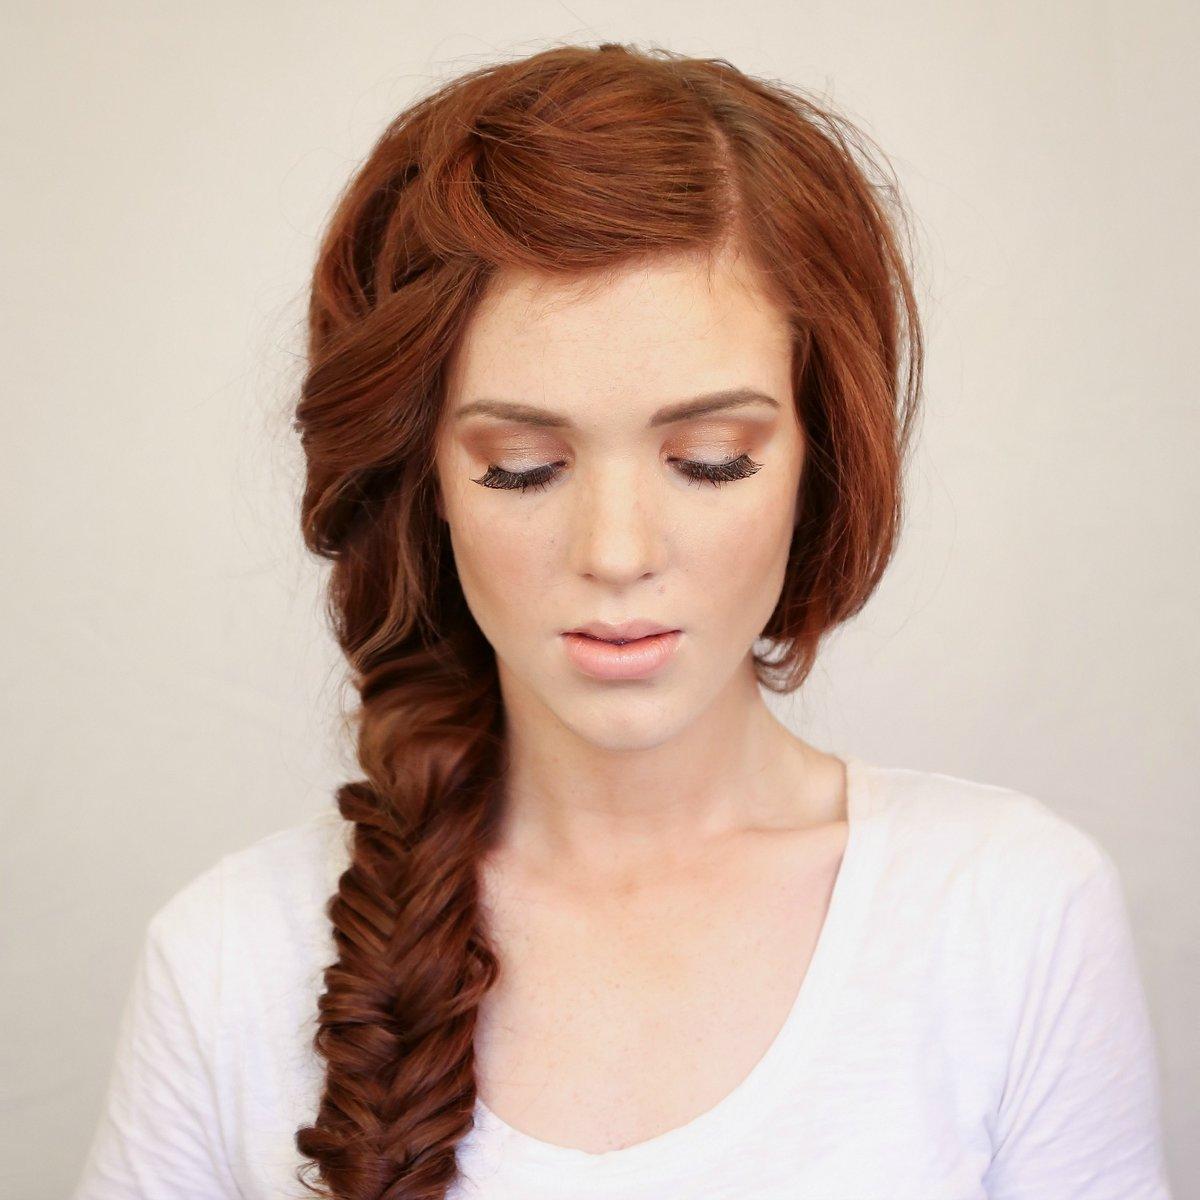 Создаем быстро и легко прически на каждый день на длинные волосы